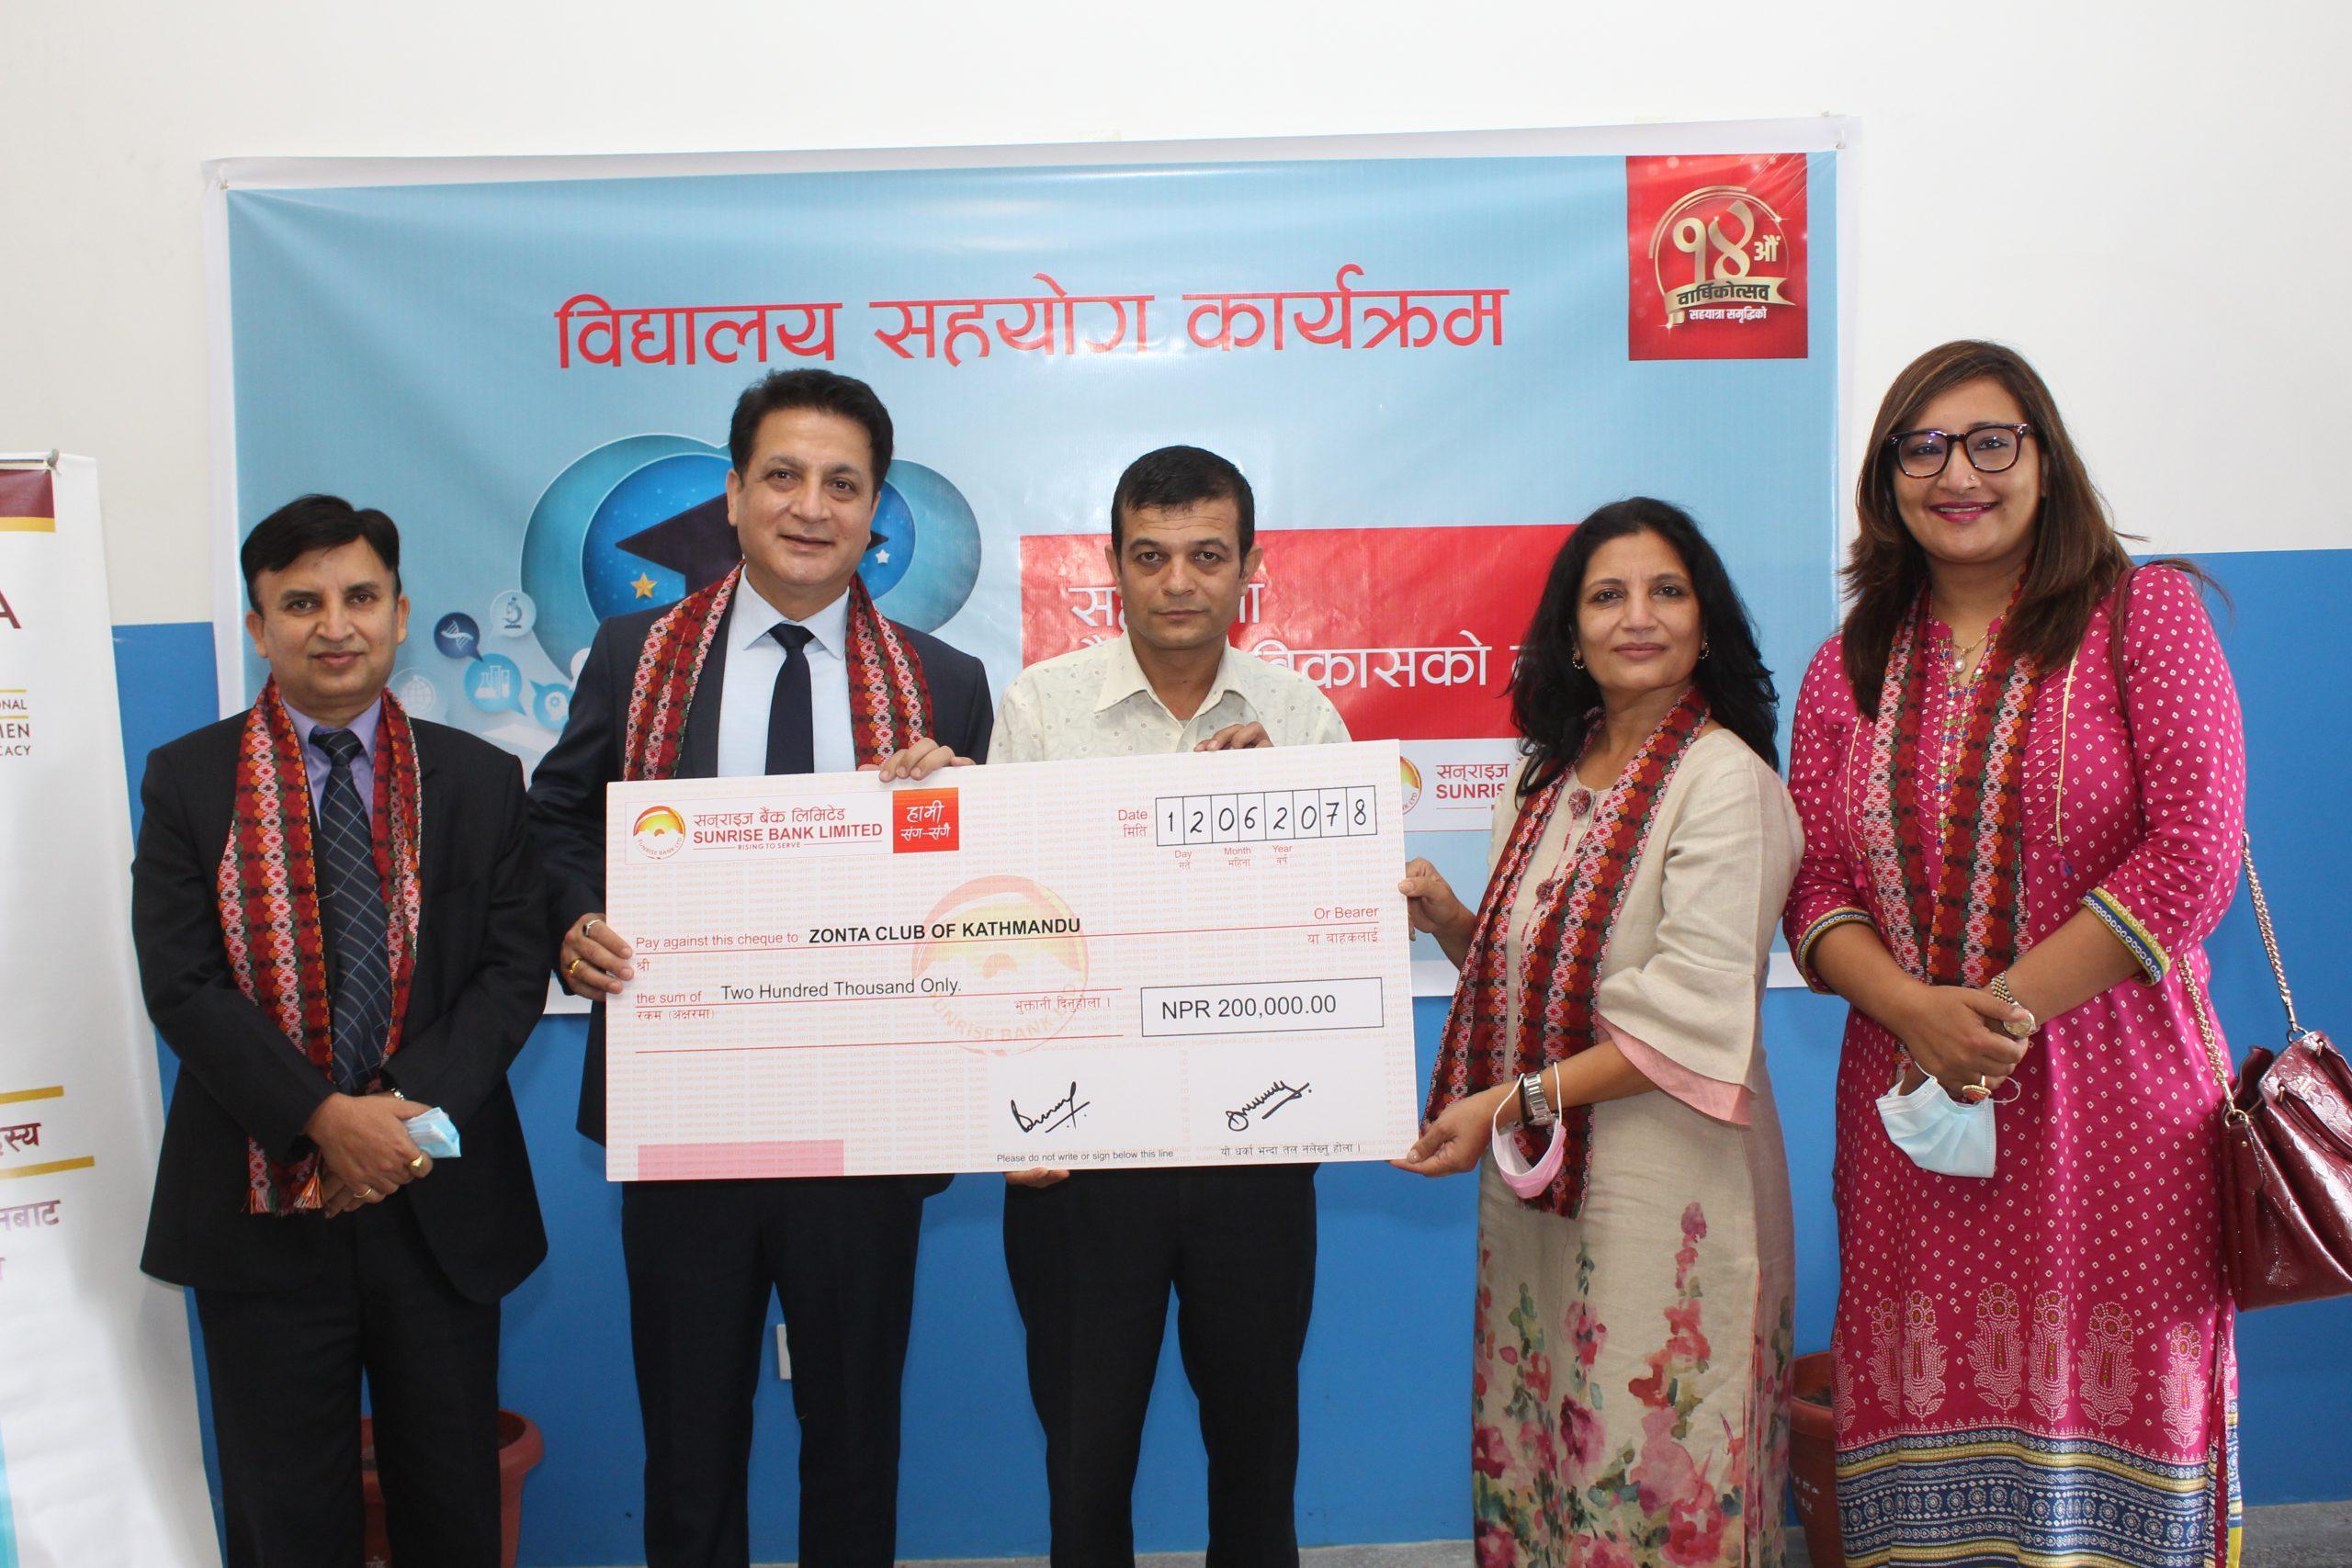 सनराइज बैंकले जोन्ता क्लबलाई दुई लाख रुपैंया सहयोग